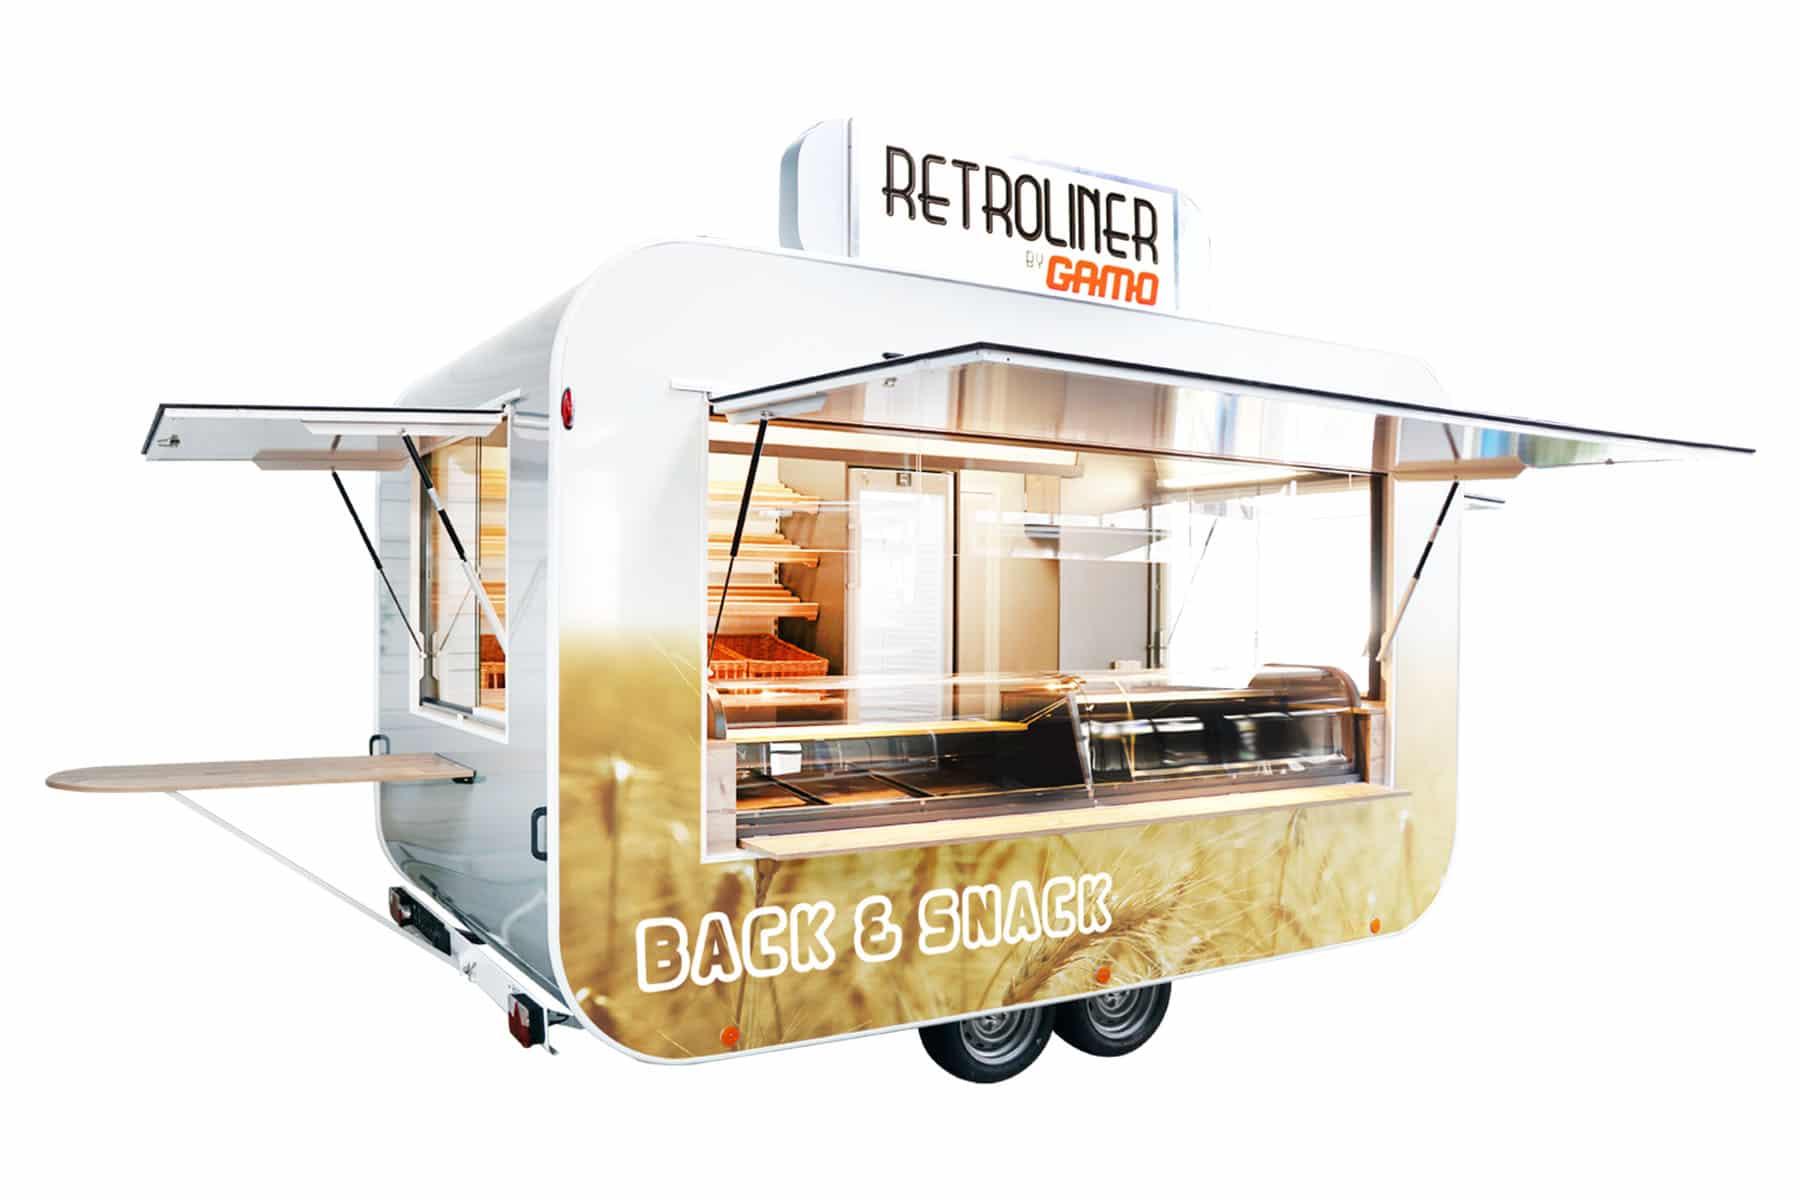 gamo-retroliner-verkaufsanhaenger-verkaufswagen-baecker-imbisswagen-400